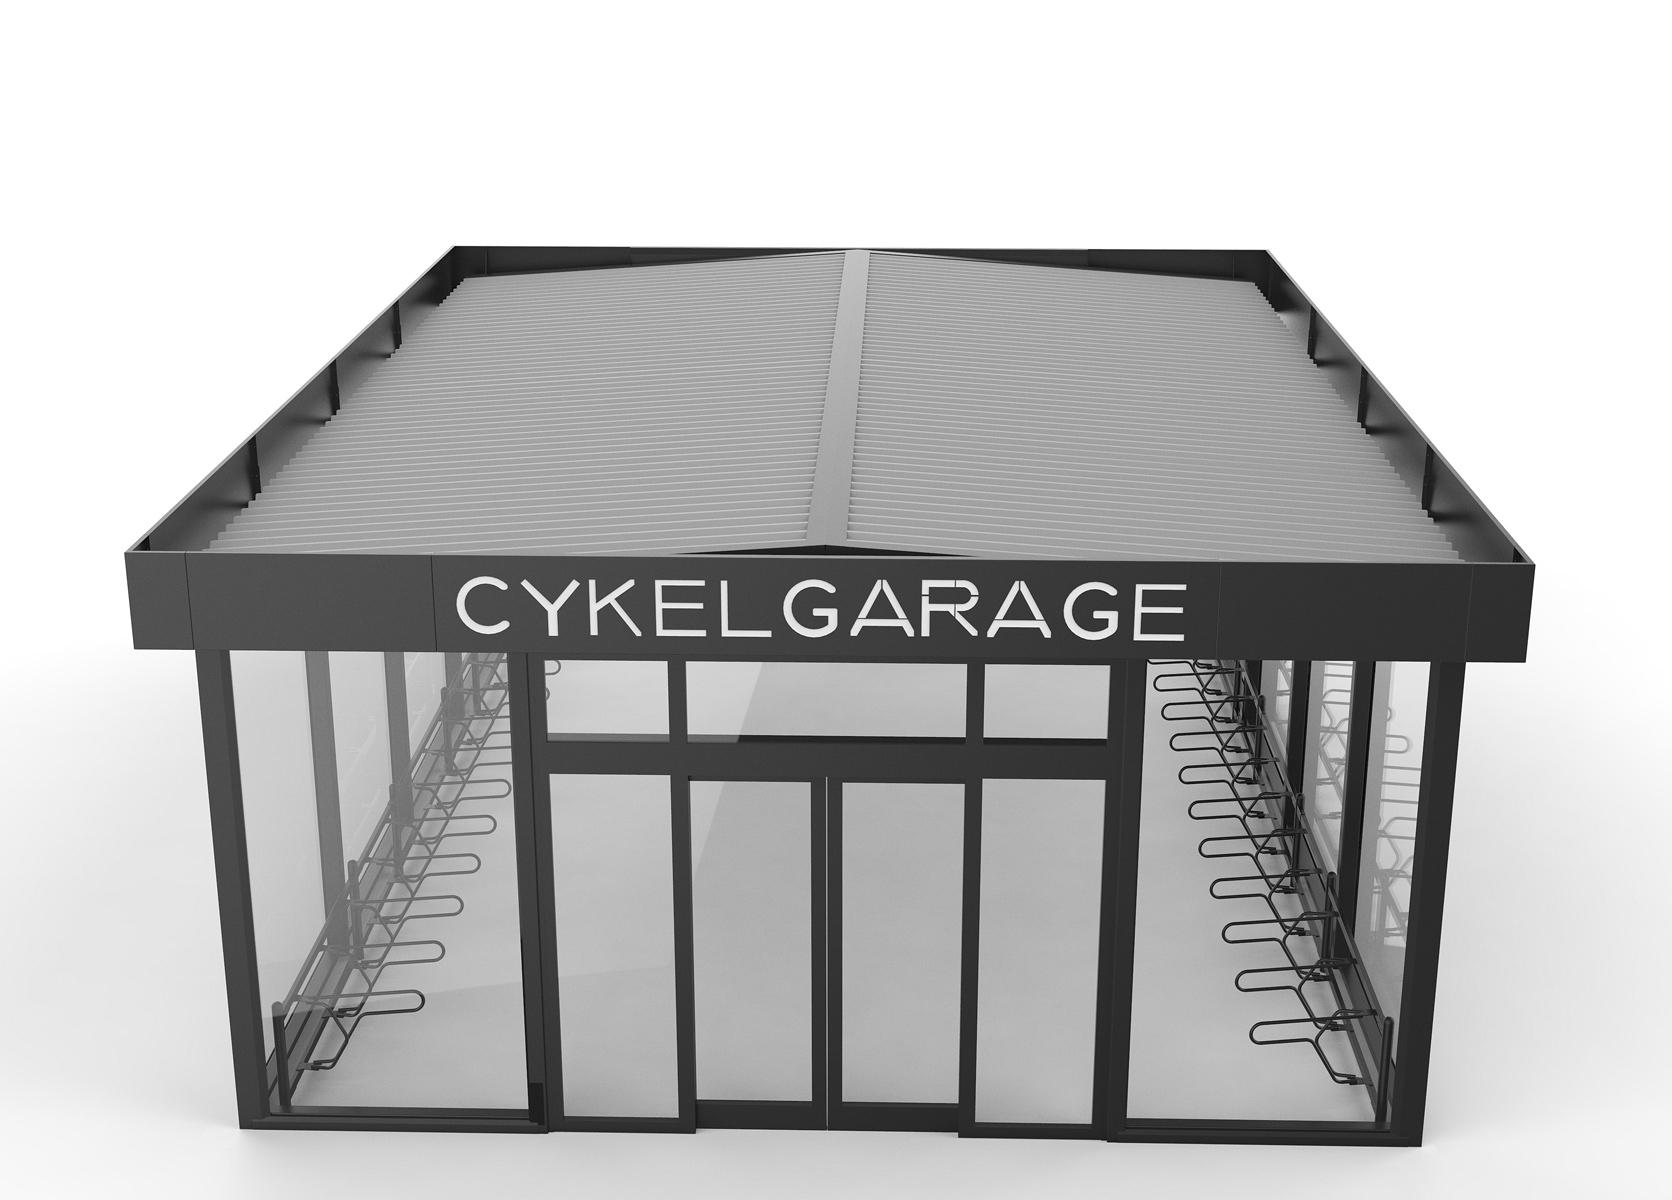 Cykelgarage LINK sett från ovan